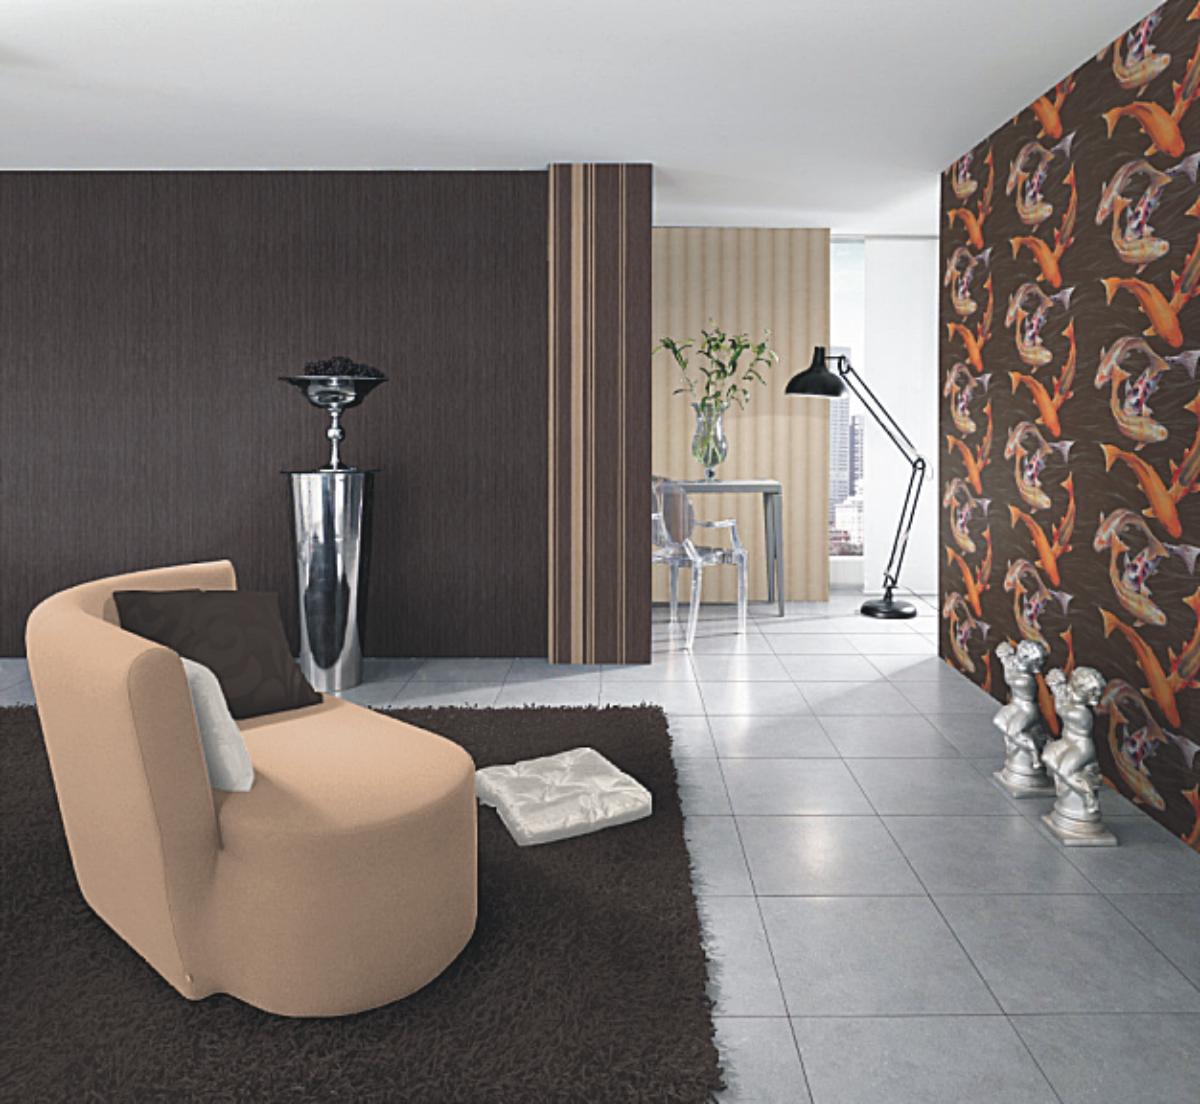 almased aber ganz langsam wer macht mit seite 1147. Black Bedroom Furniture Sets. Home Design Ideas